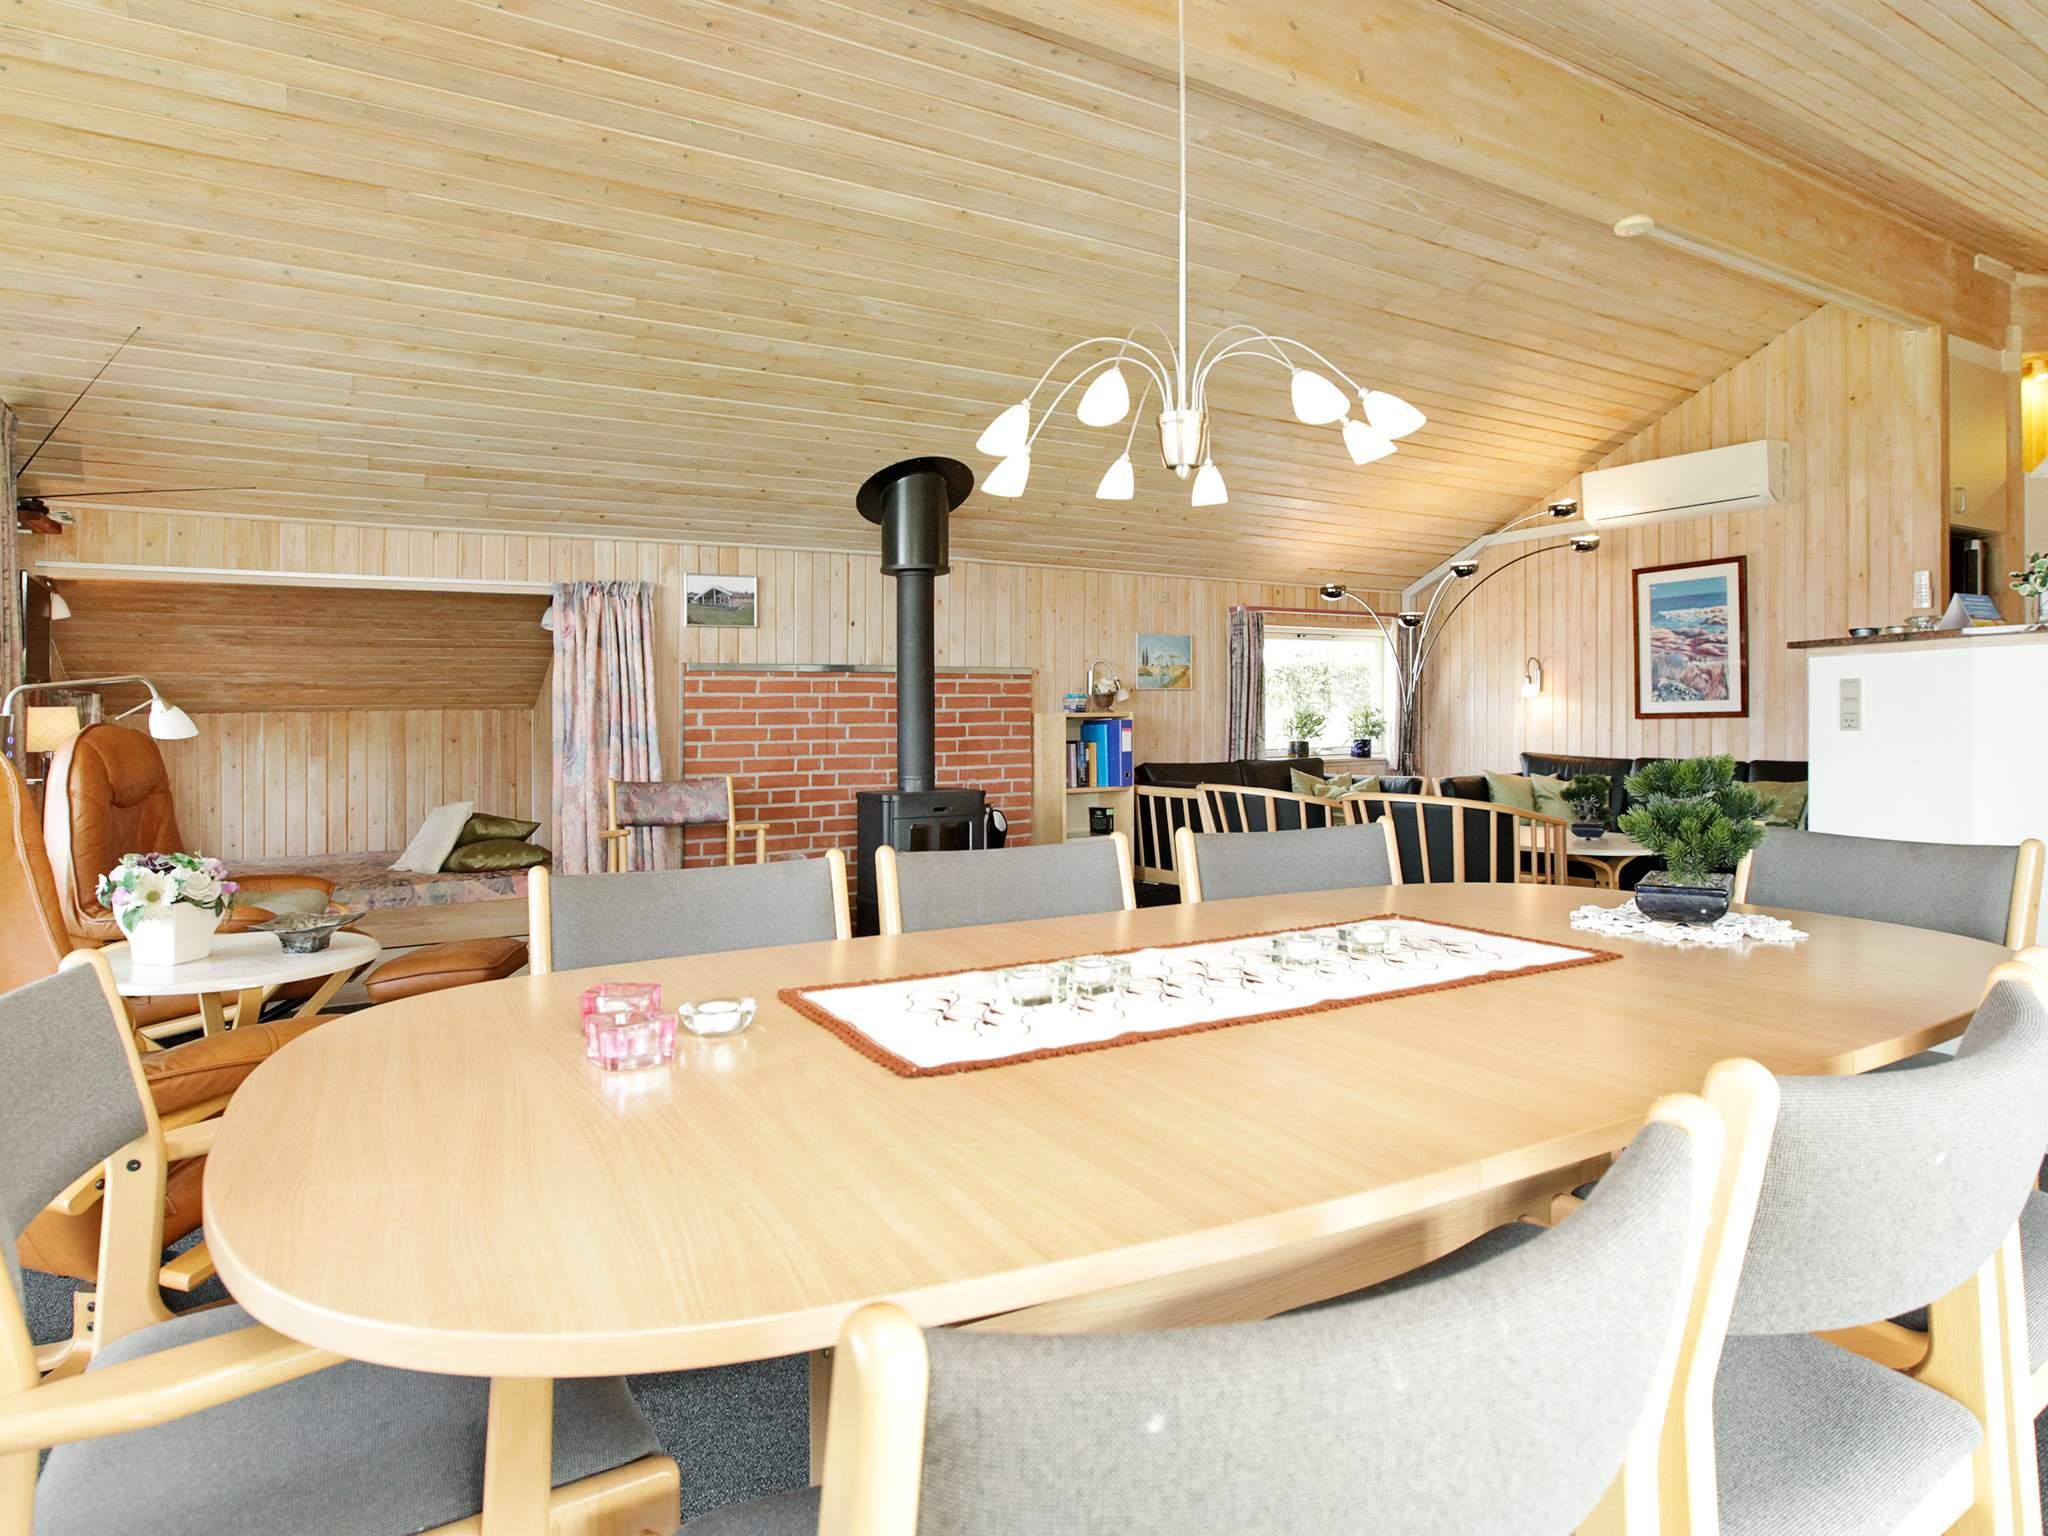 Ferienhaus Falsled (87545), Faldsled, , Fünen, Dänemark, Bild 15